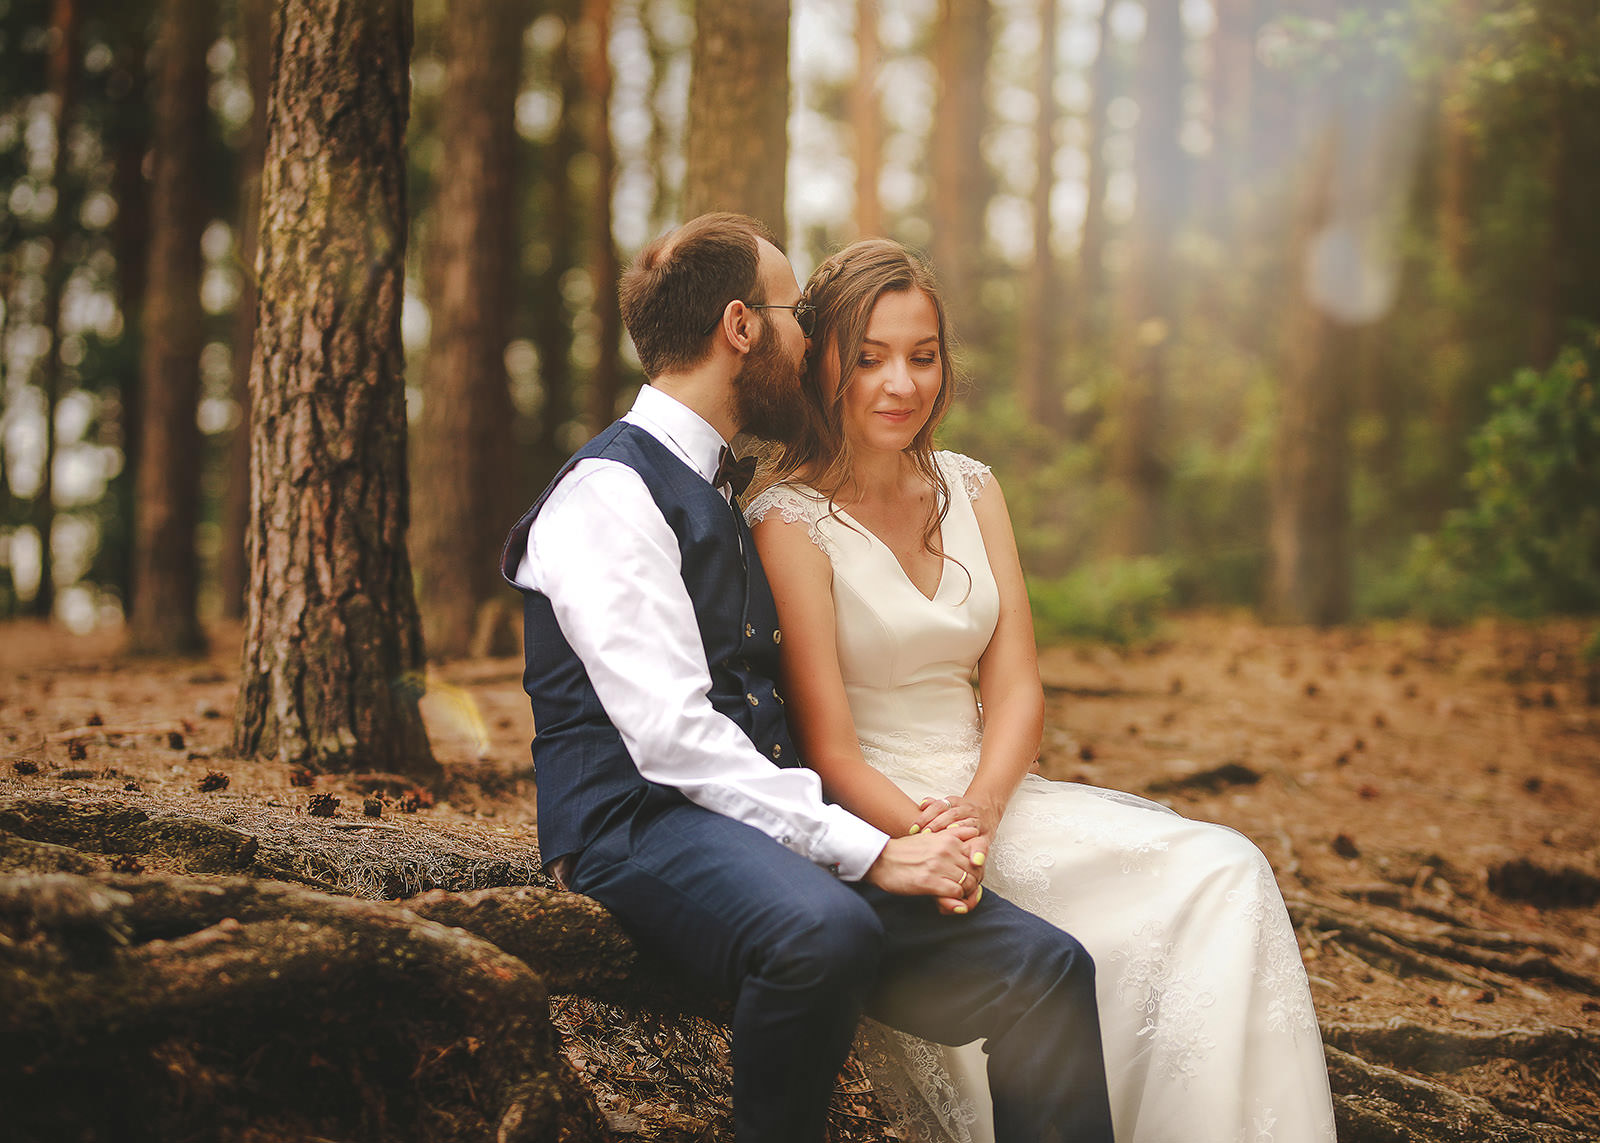 para zakochanych siedzi w lesie